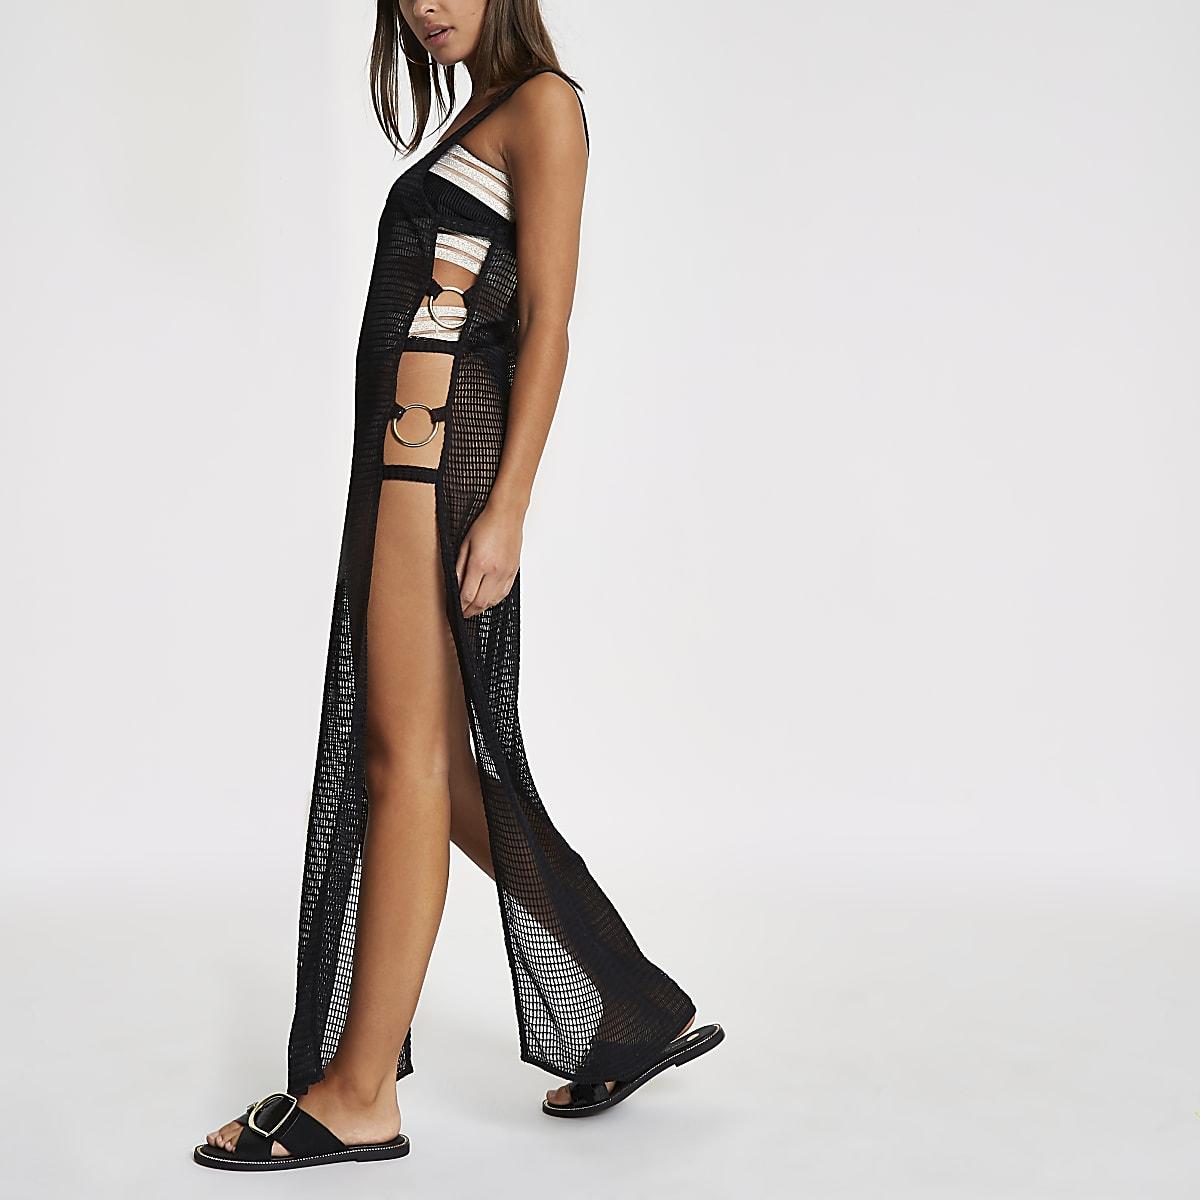 Schwarzes Strandkleid mit Dekolleté